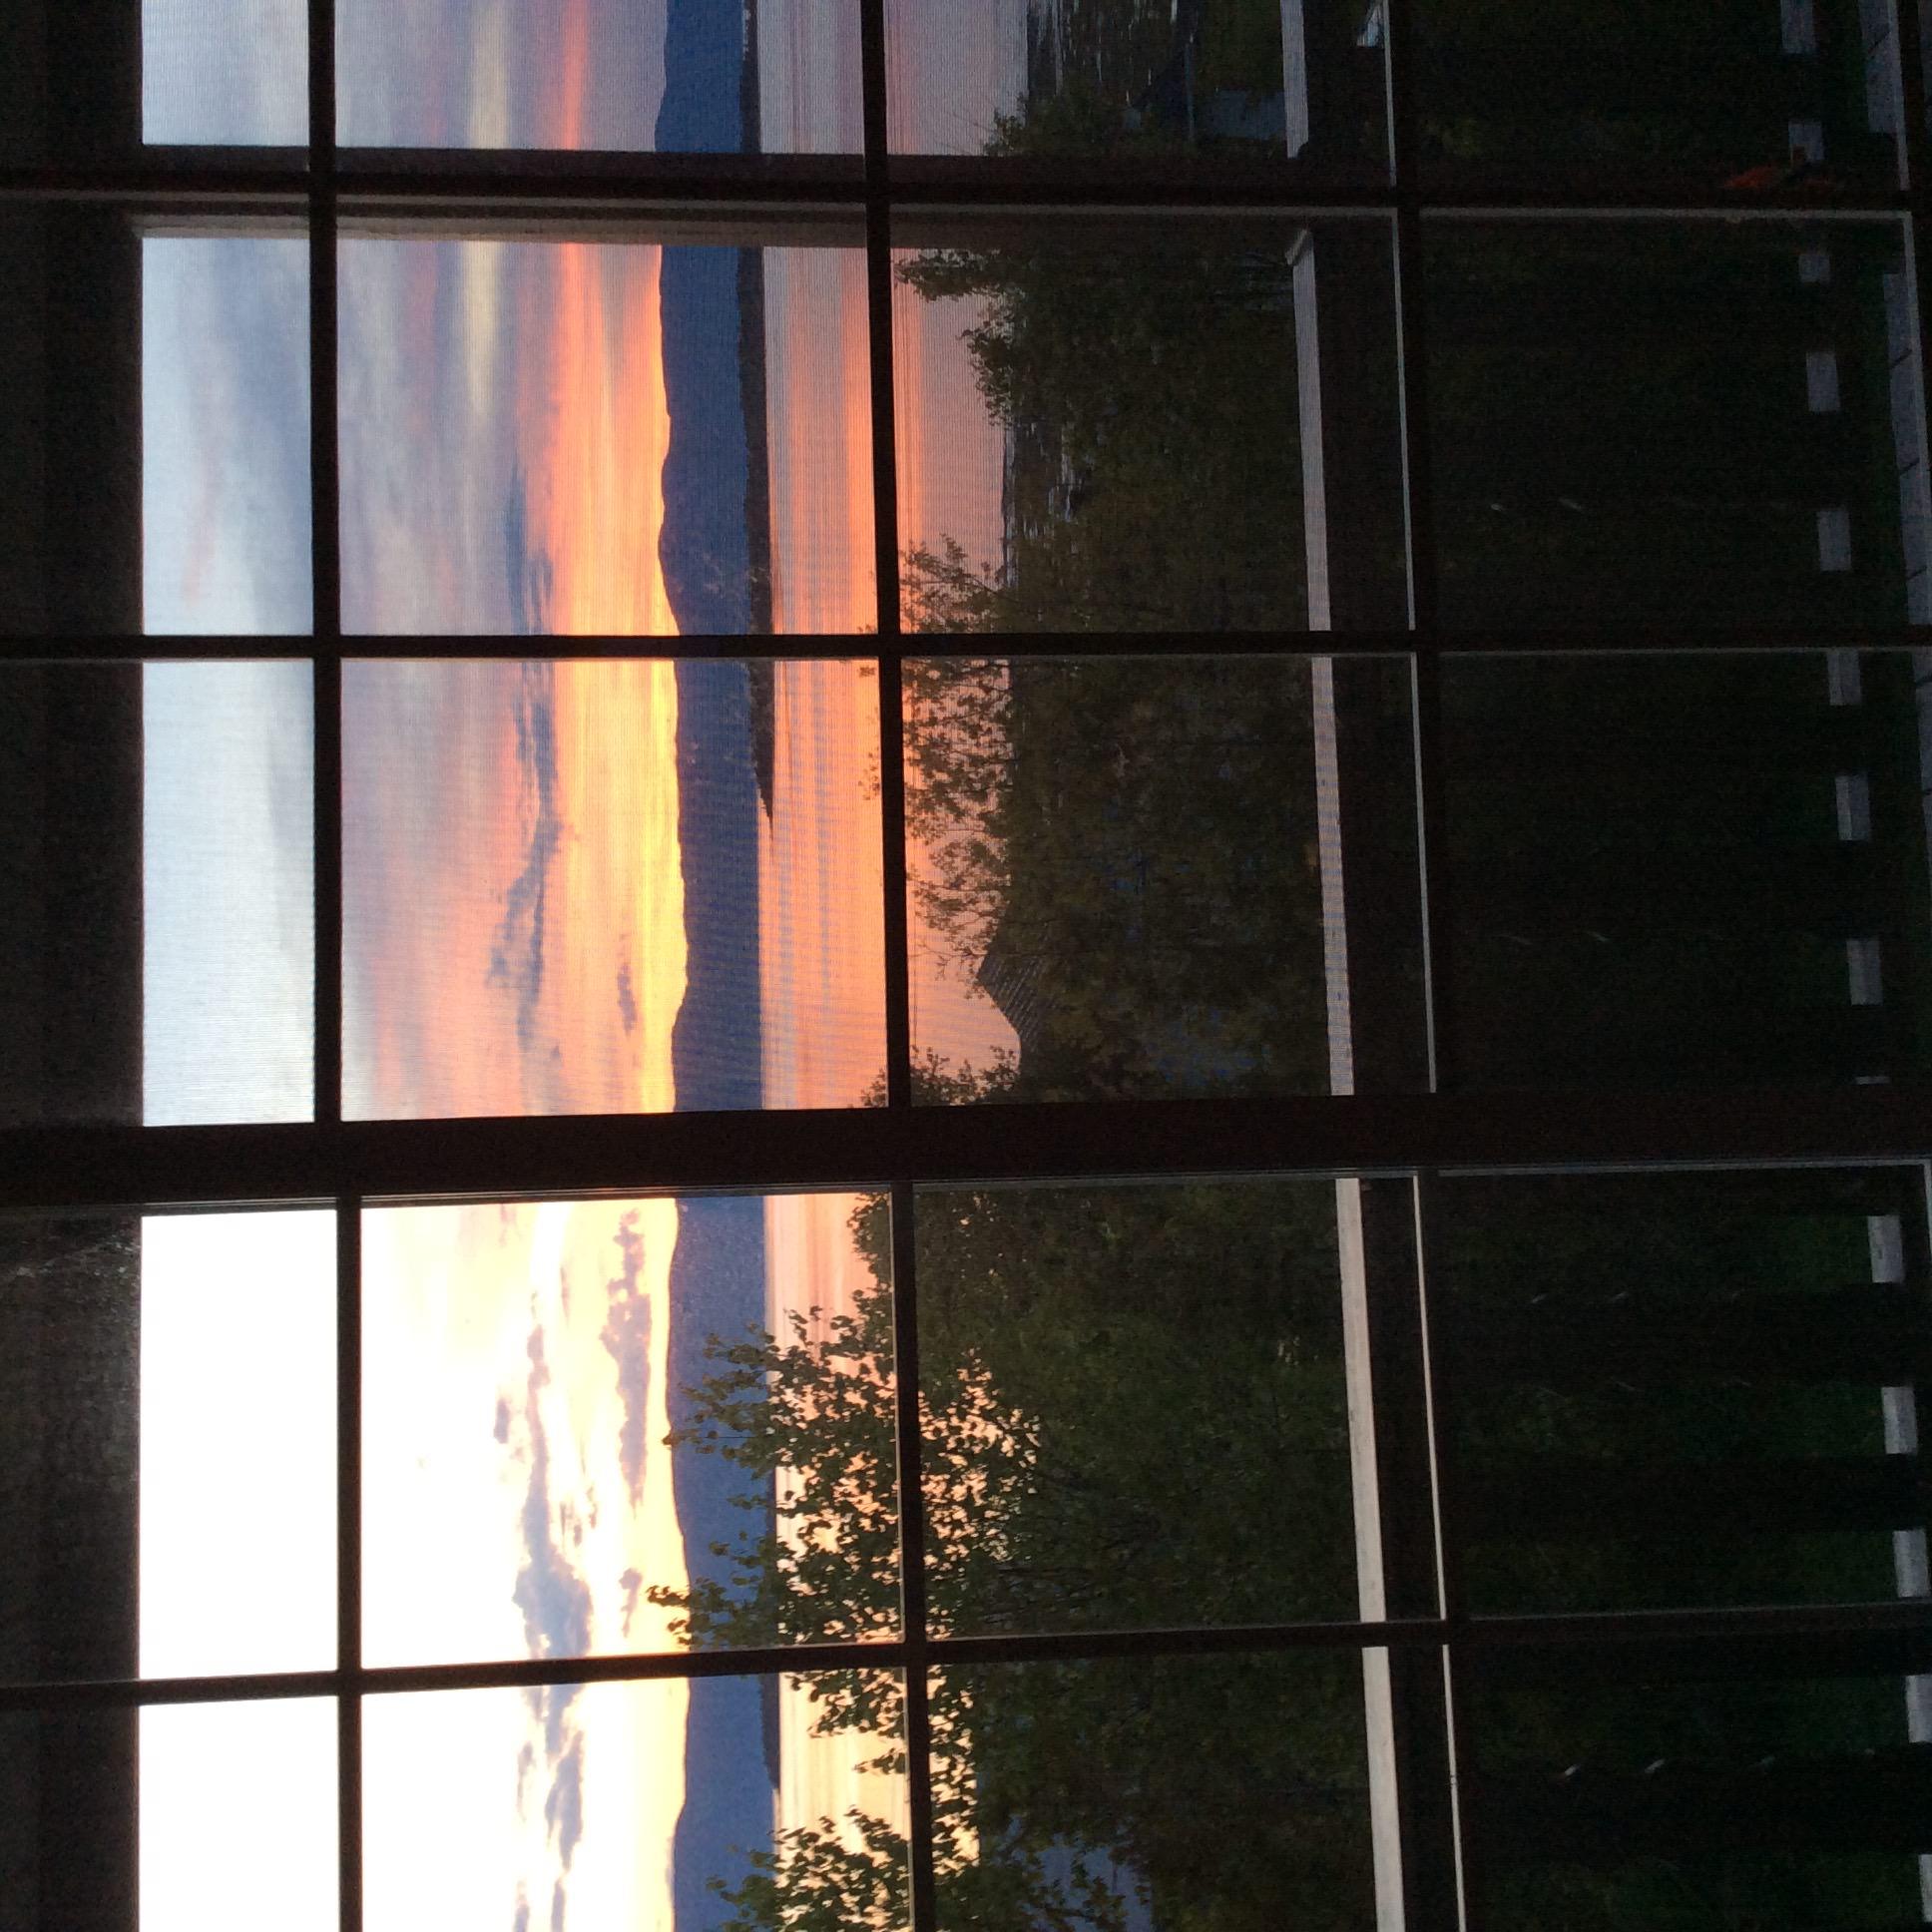 Vue de la fenêtre - Chalet de la Haute Ville